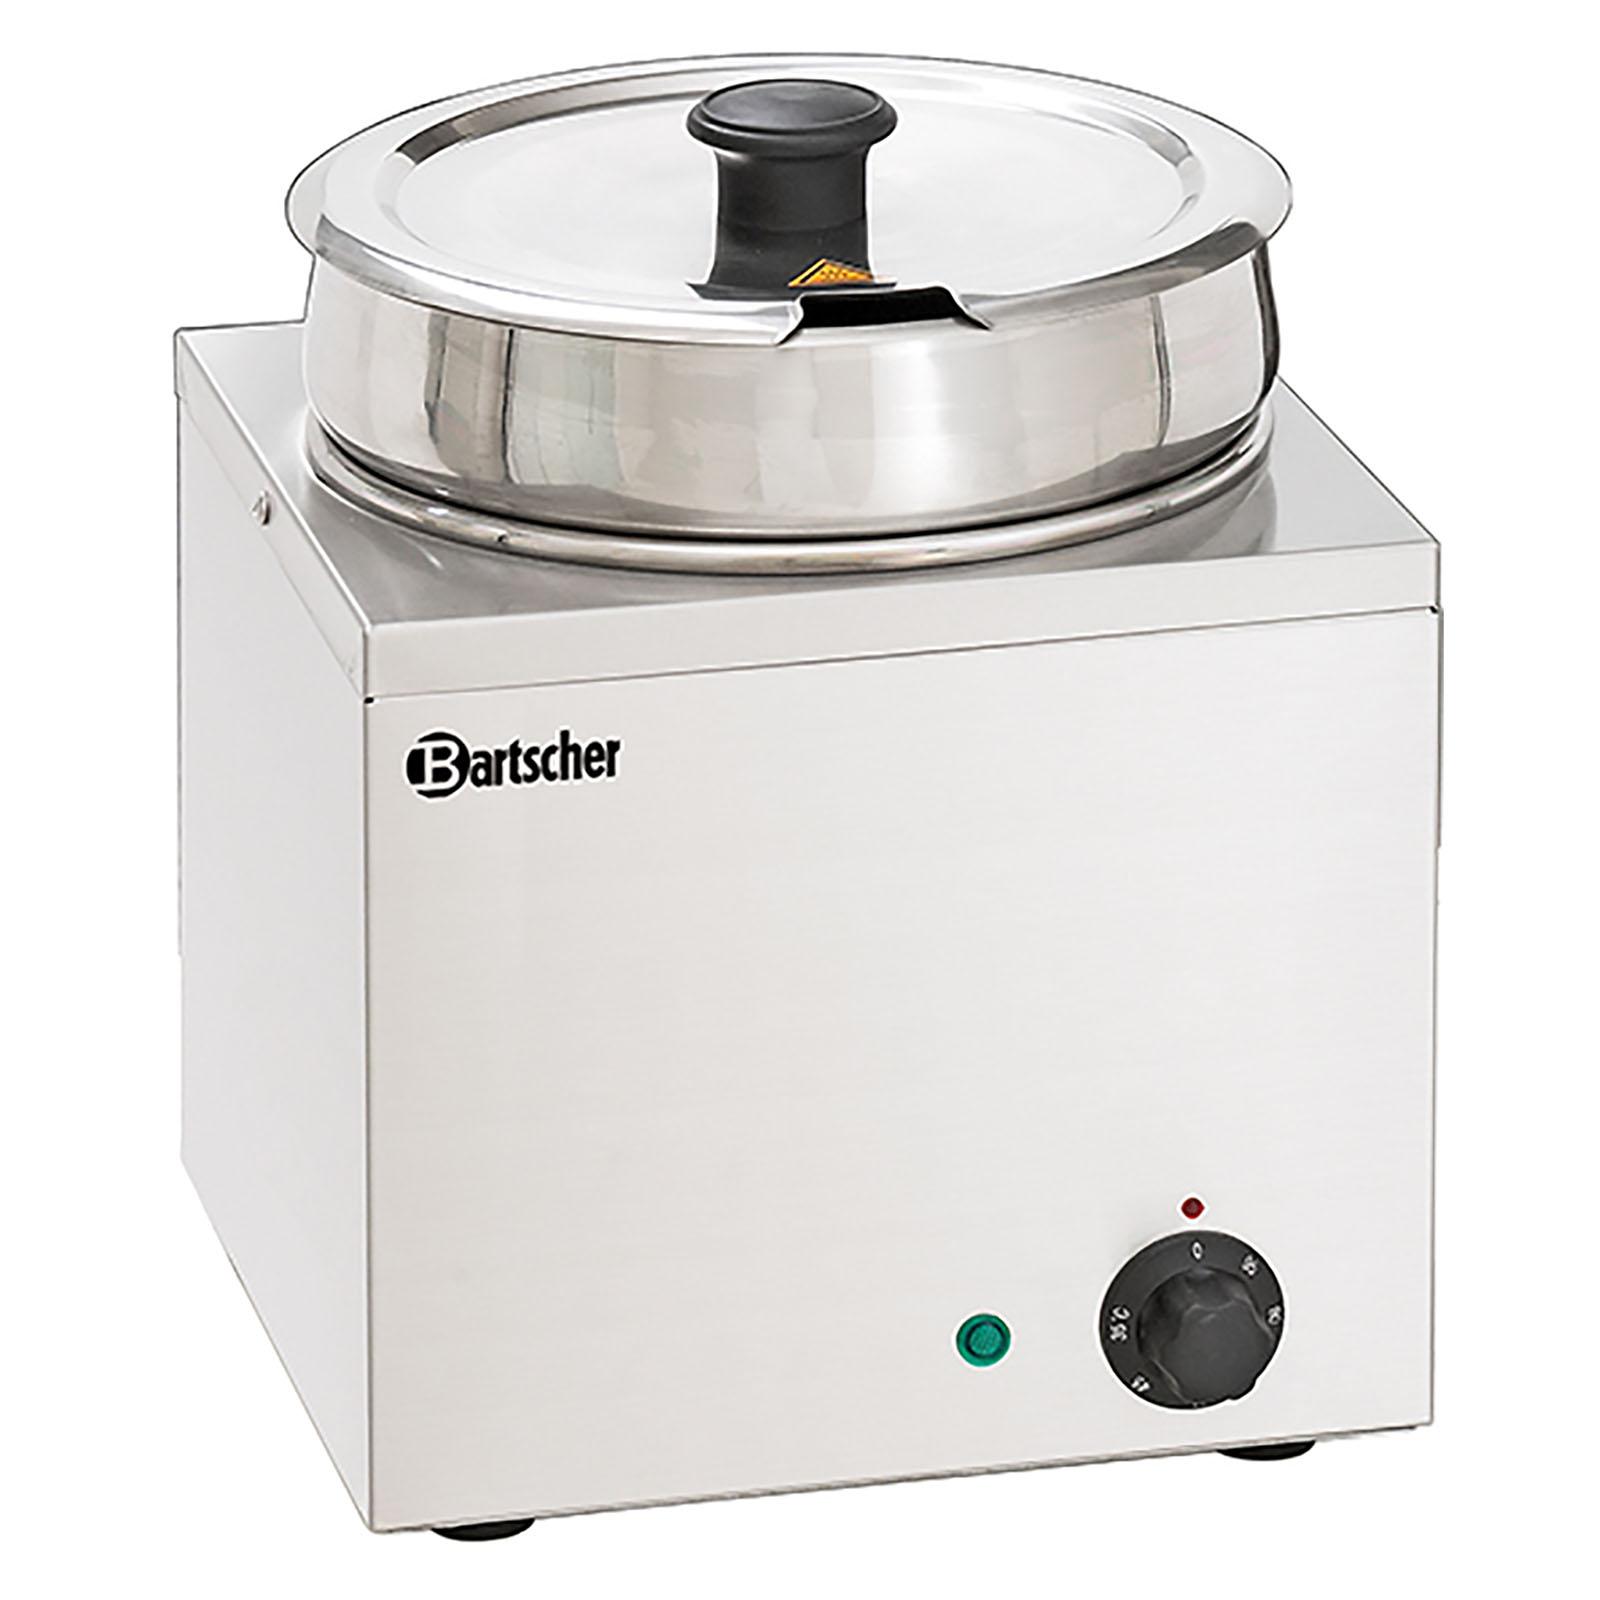 Bartscher Bain Marie Hotpot - 1 x Topf - 6,5 Liter 10190212